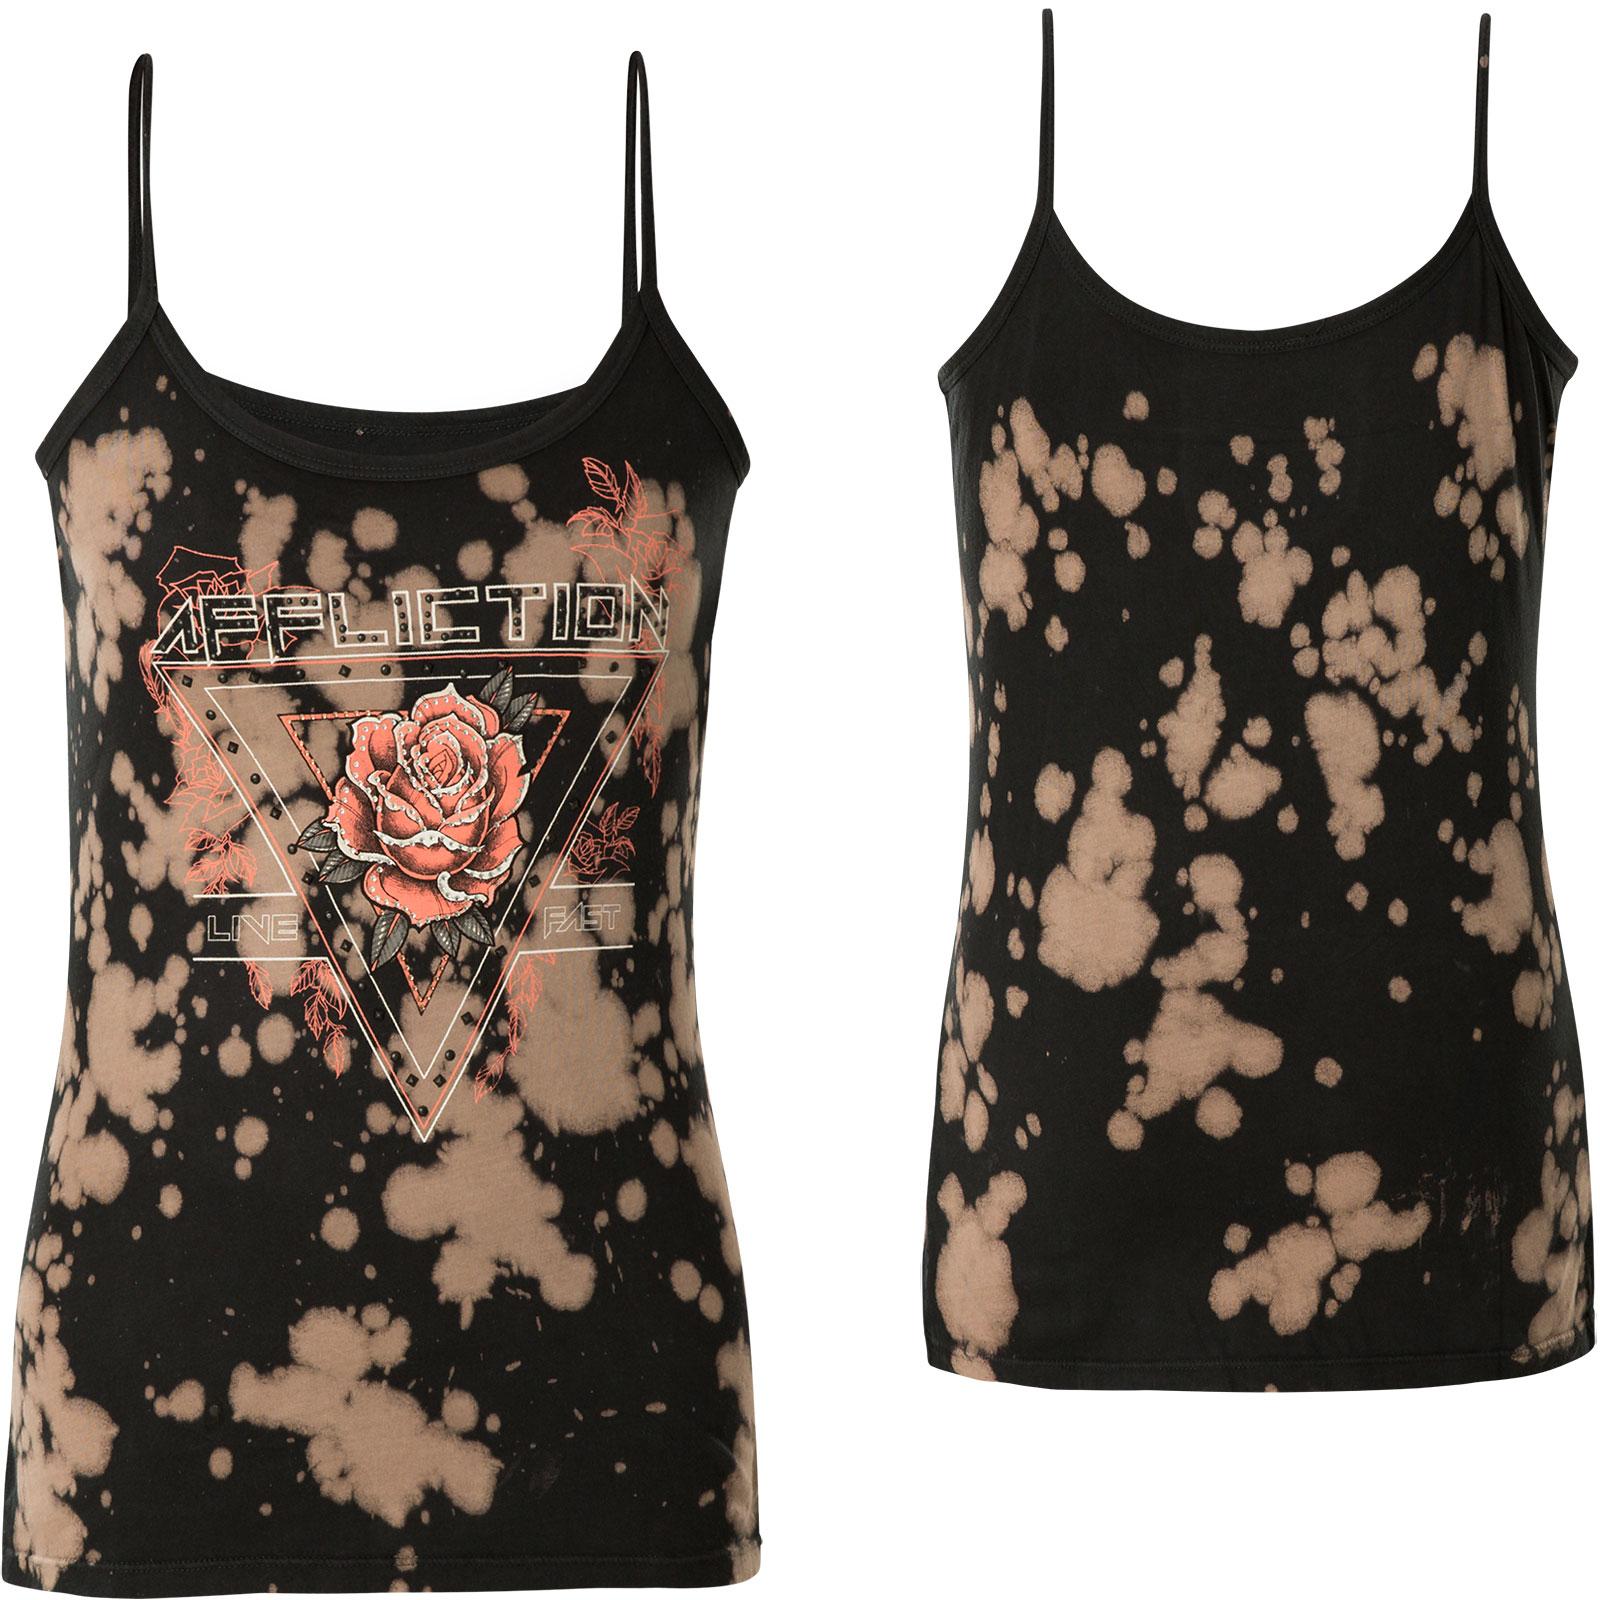 überlegene Leistung Farbbrillanz neueste trends Affliction Damen Tank Top Rose Tour Schwarz/Beige